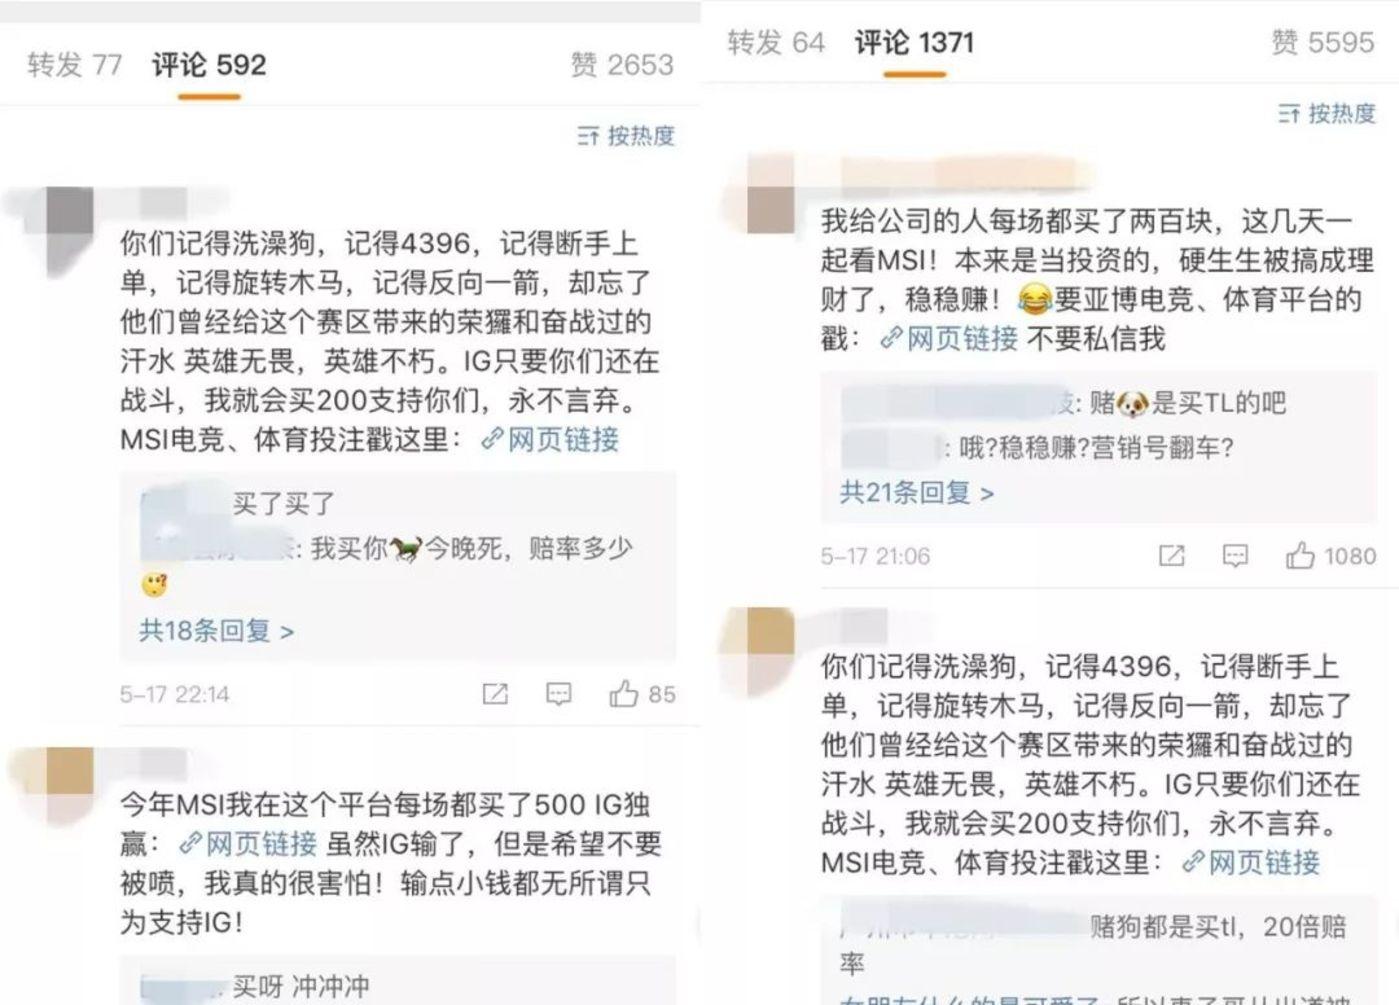 博彩,正在摧毁襁褓中的中国电竞?